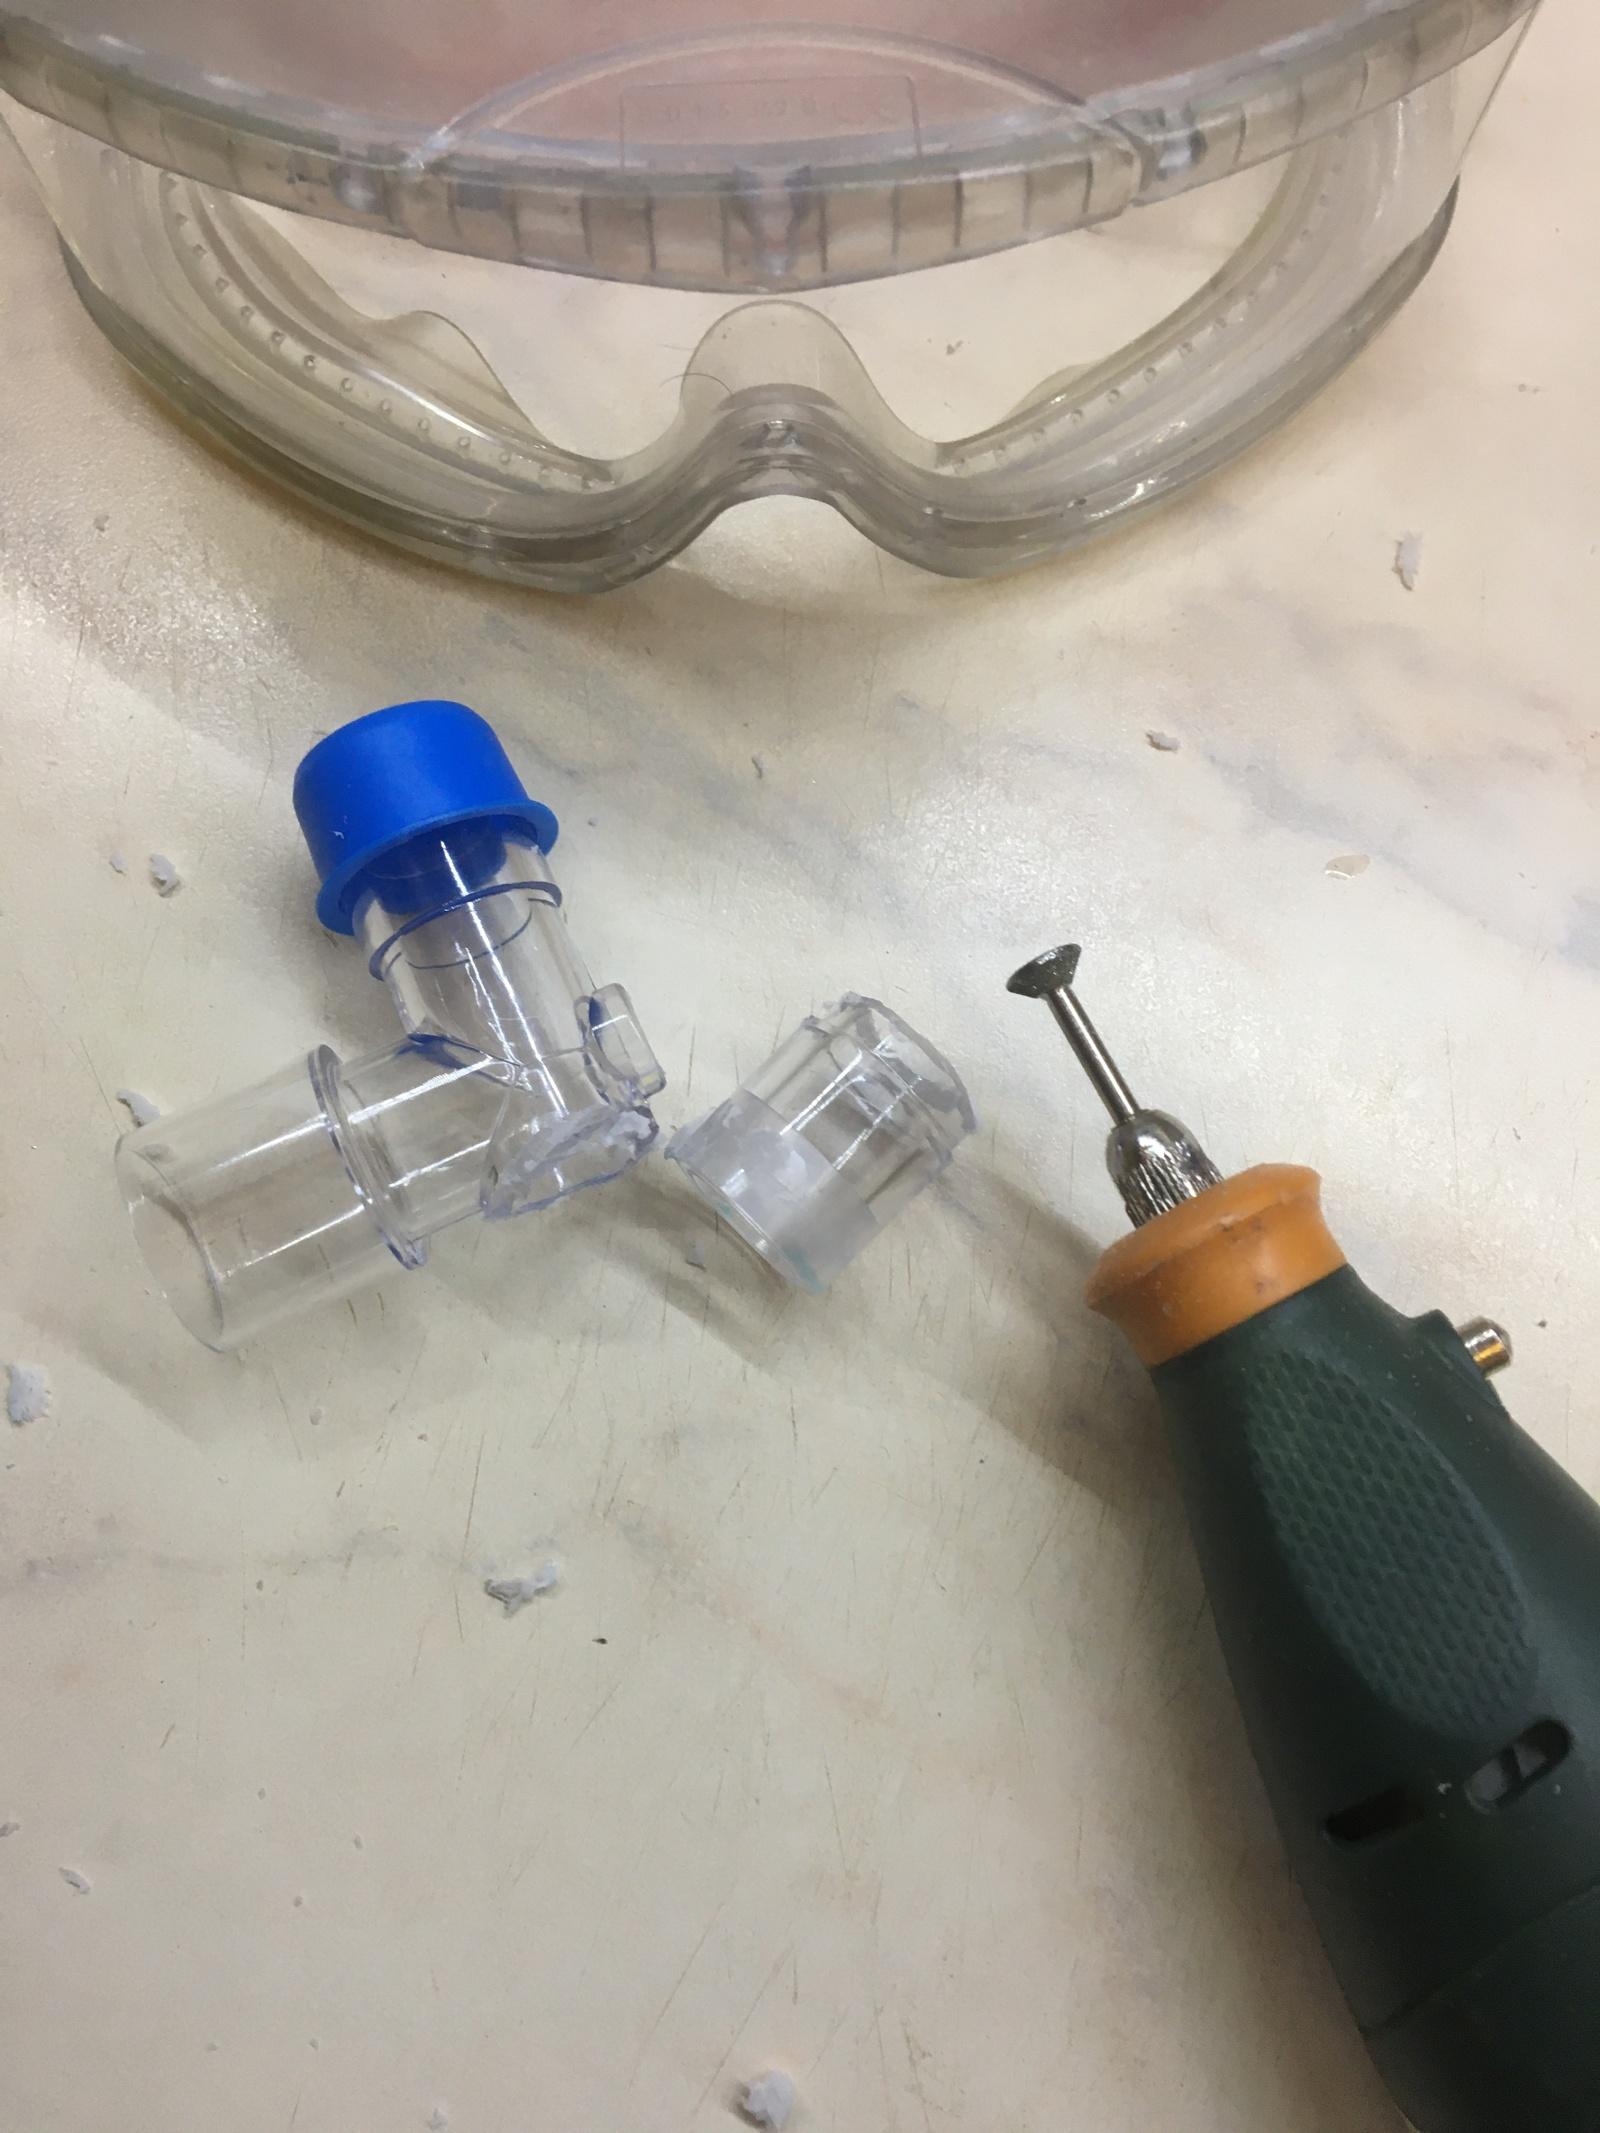 Моя попытка задержать COVID-19 (автономный дыхательный аппарат) - 26